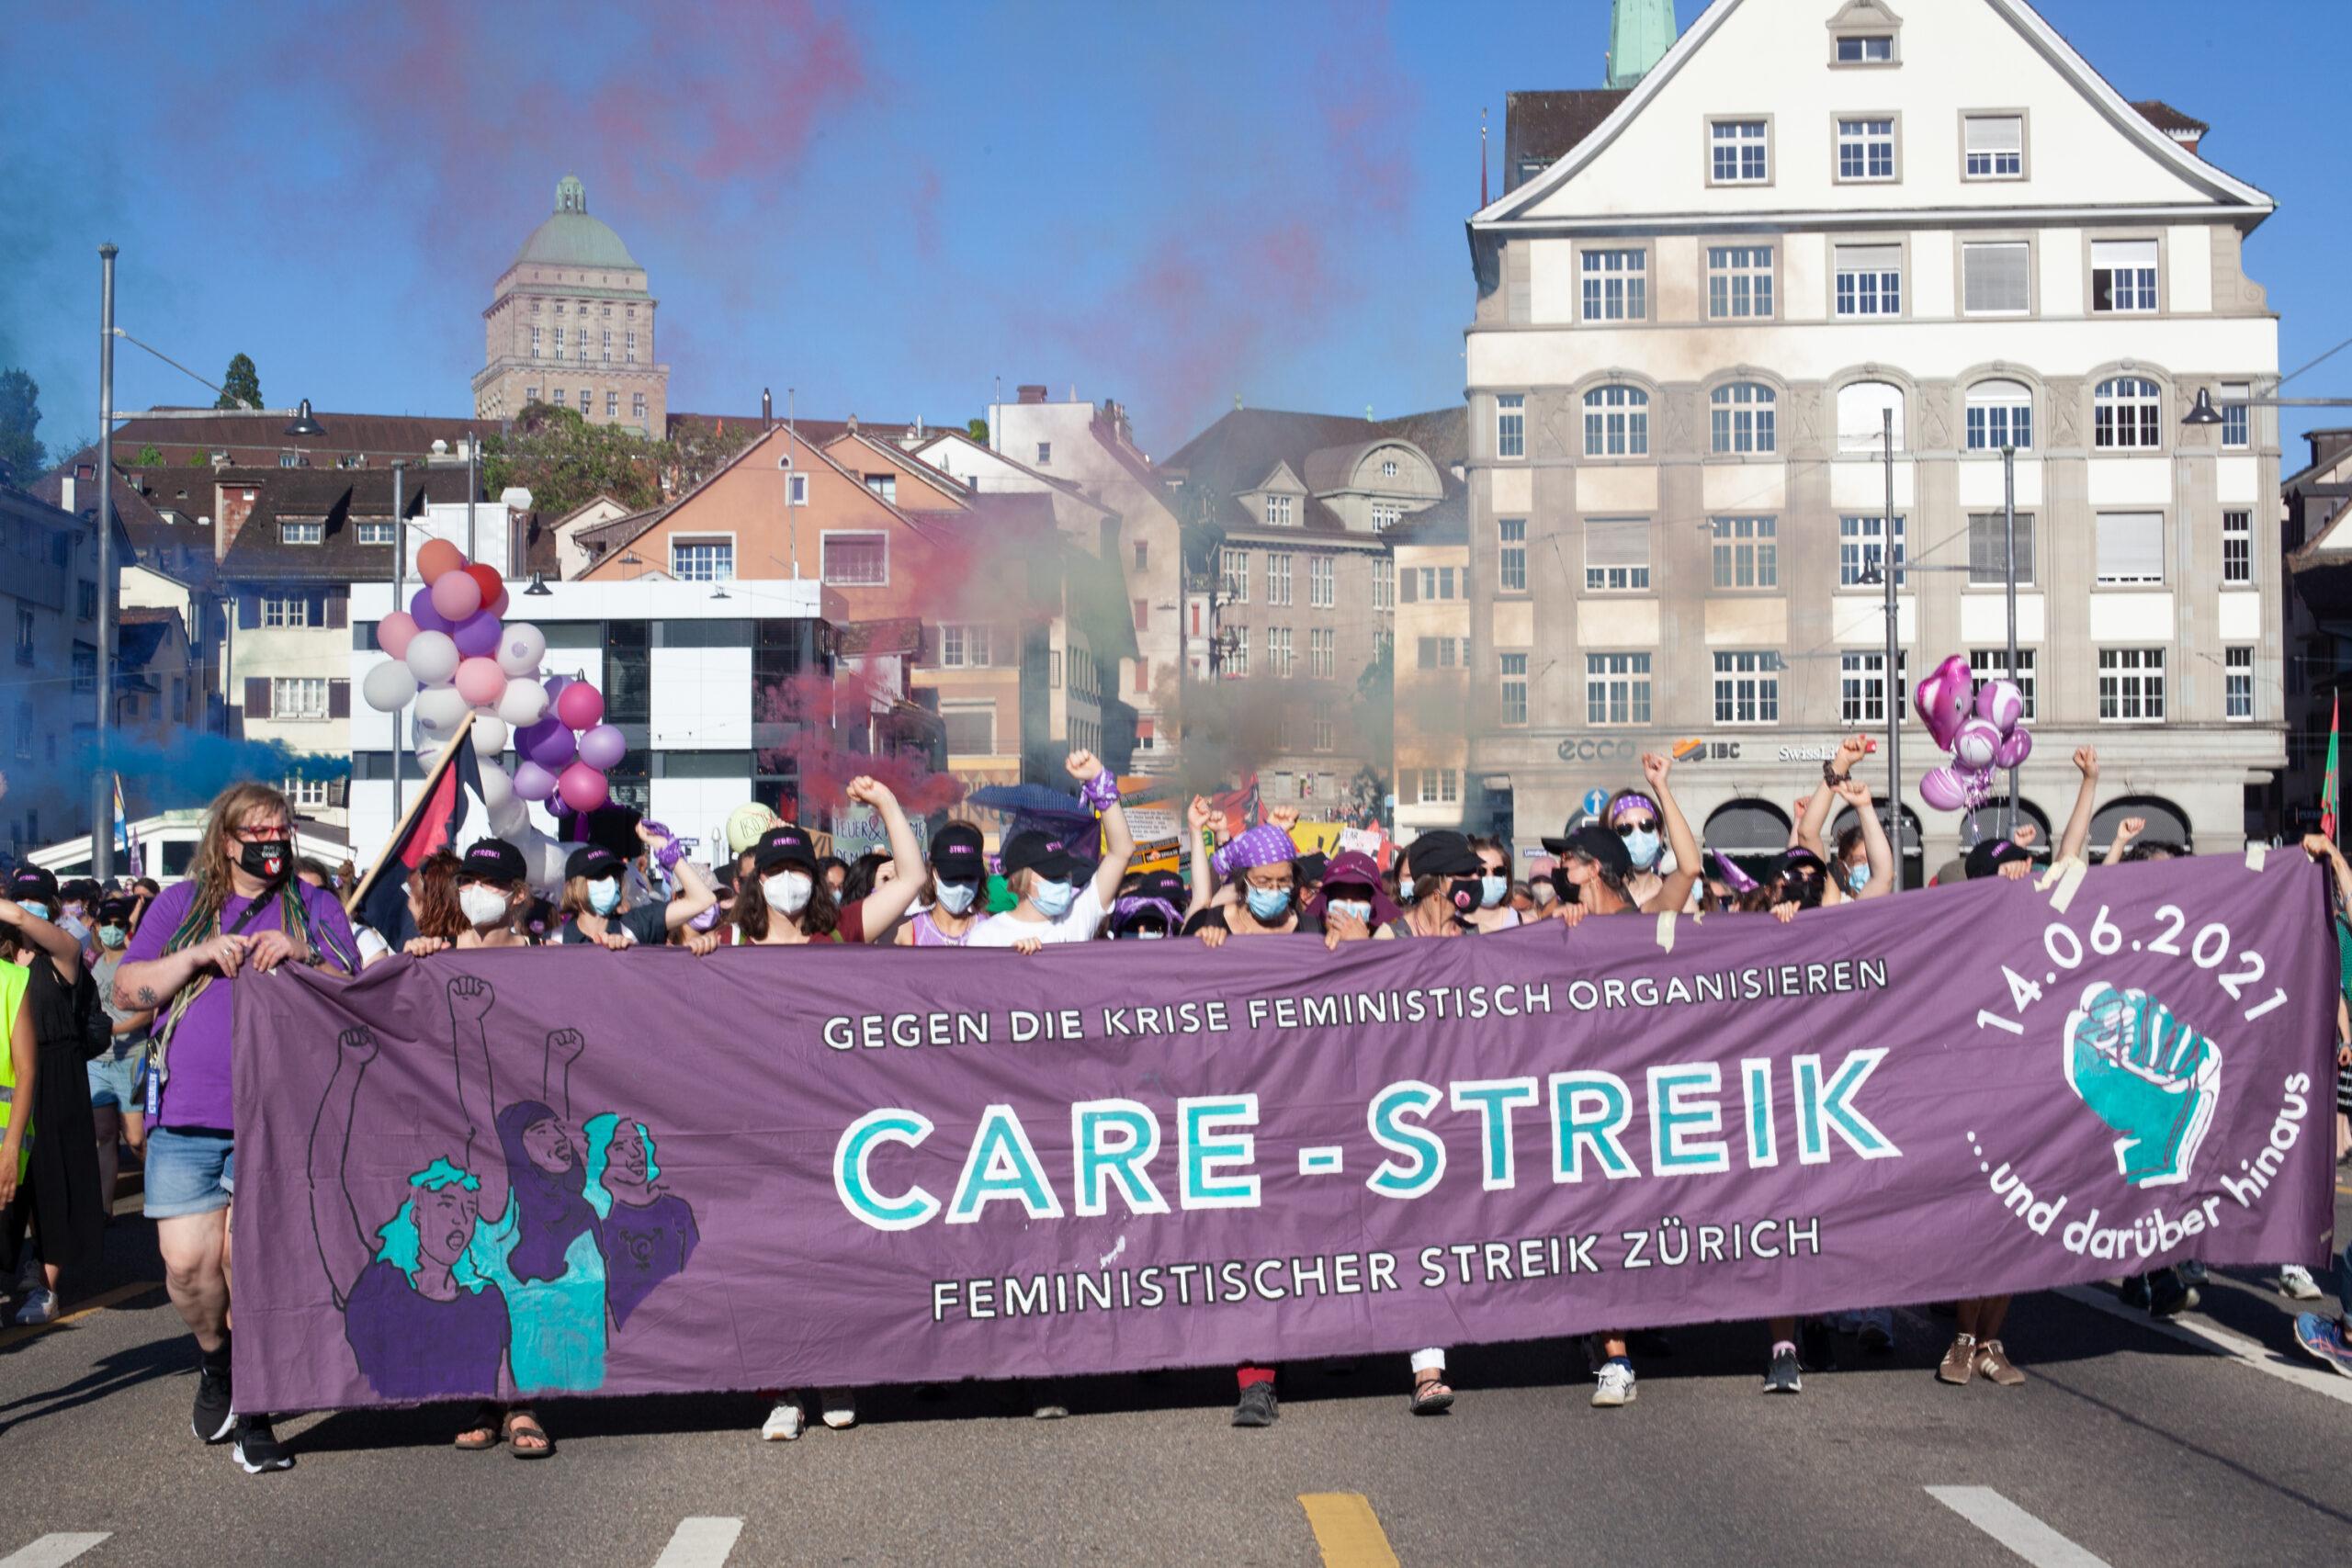 BIld der Demonstration auf der Rudolf-Brun-Brücke. Personen tragen das Frontbanner, auf dem steht: Gegen die Krise feministisch organisieren. CARE STREIK. Feministischer Streik Zürich. 14.06. 2021 ... und darüber hinaus.